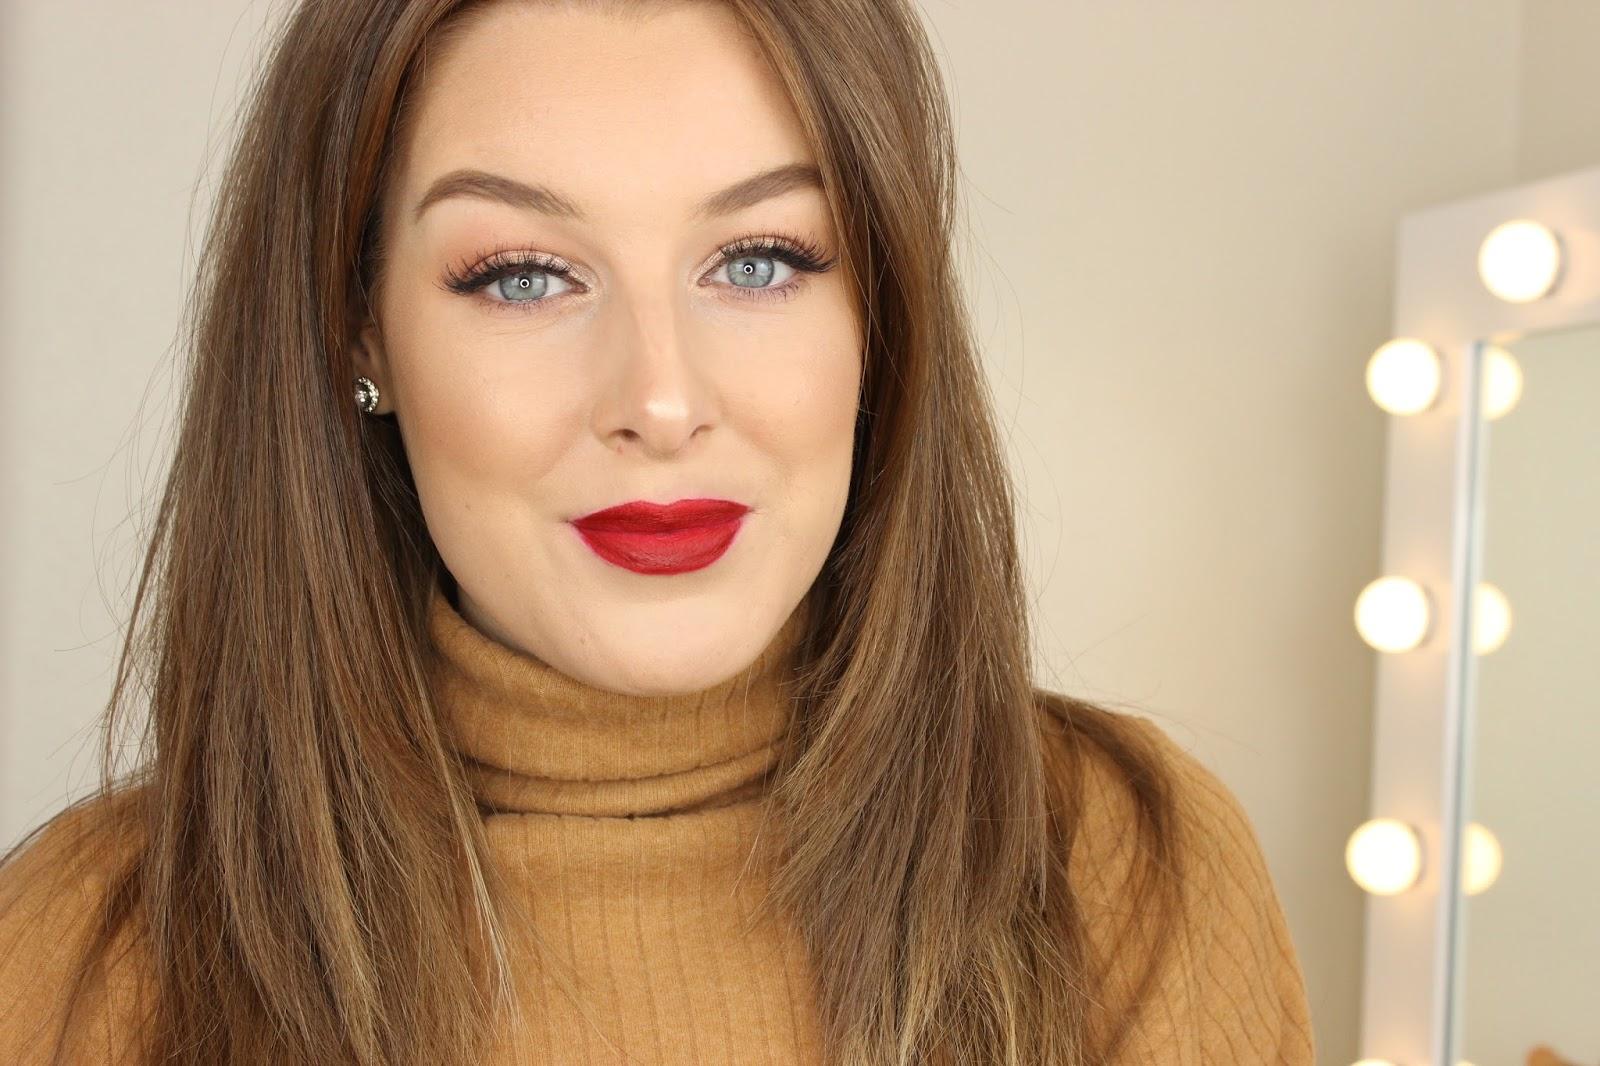 Zoe Mountford